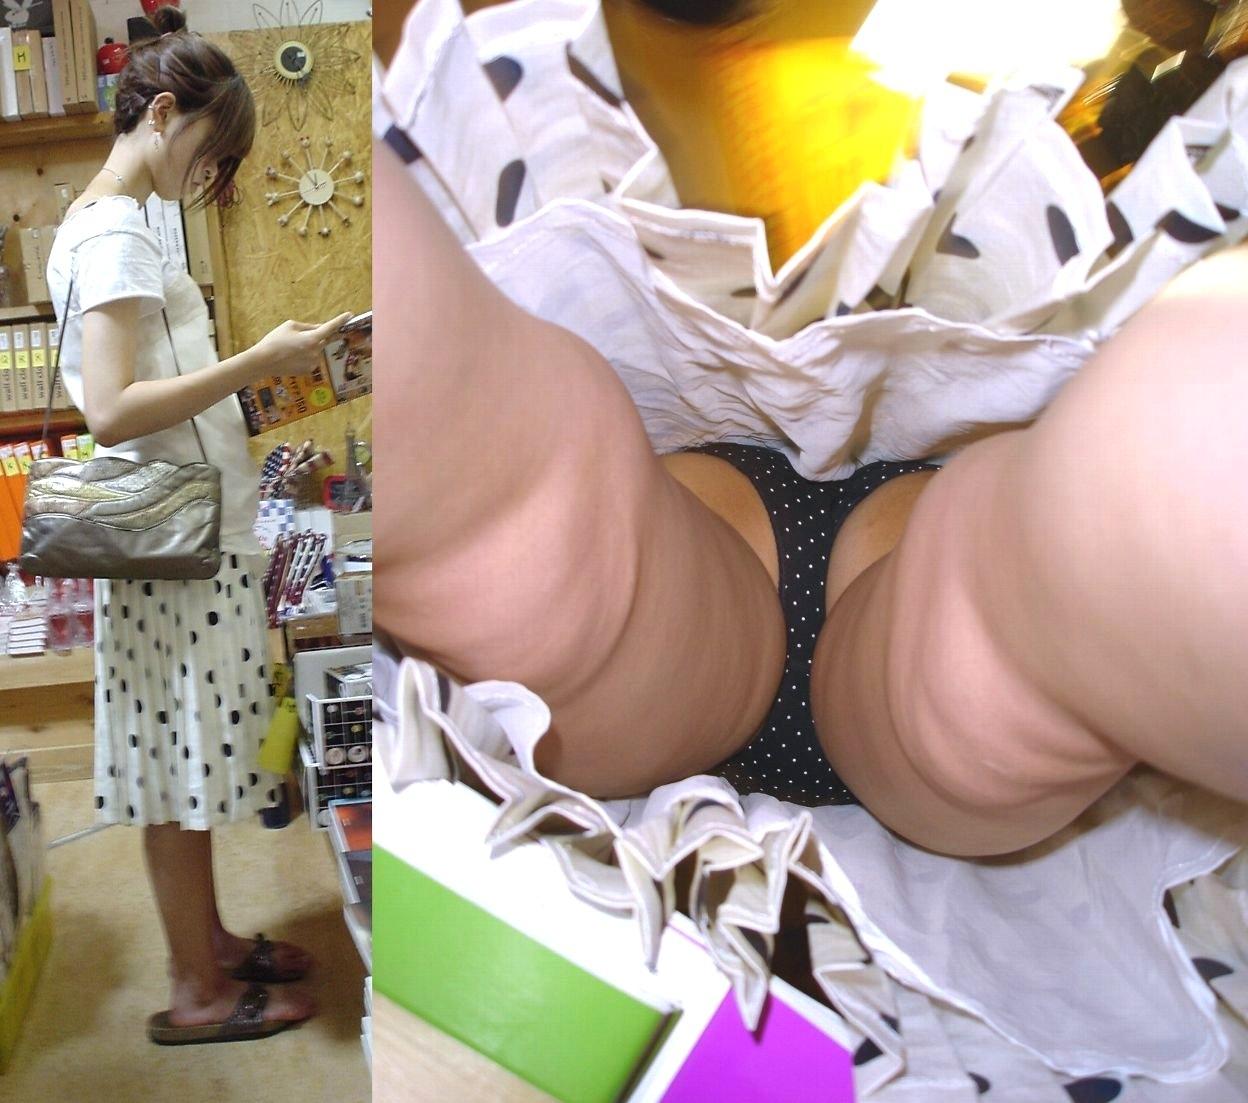 【パンチラエロ画像】暖かそうなスカート内部にカメラが潜入!逆さ撮りパンチラ(;^ω^)